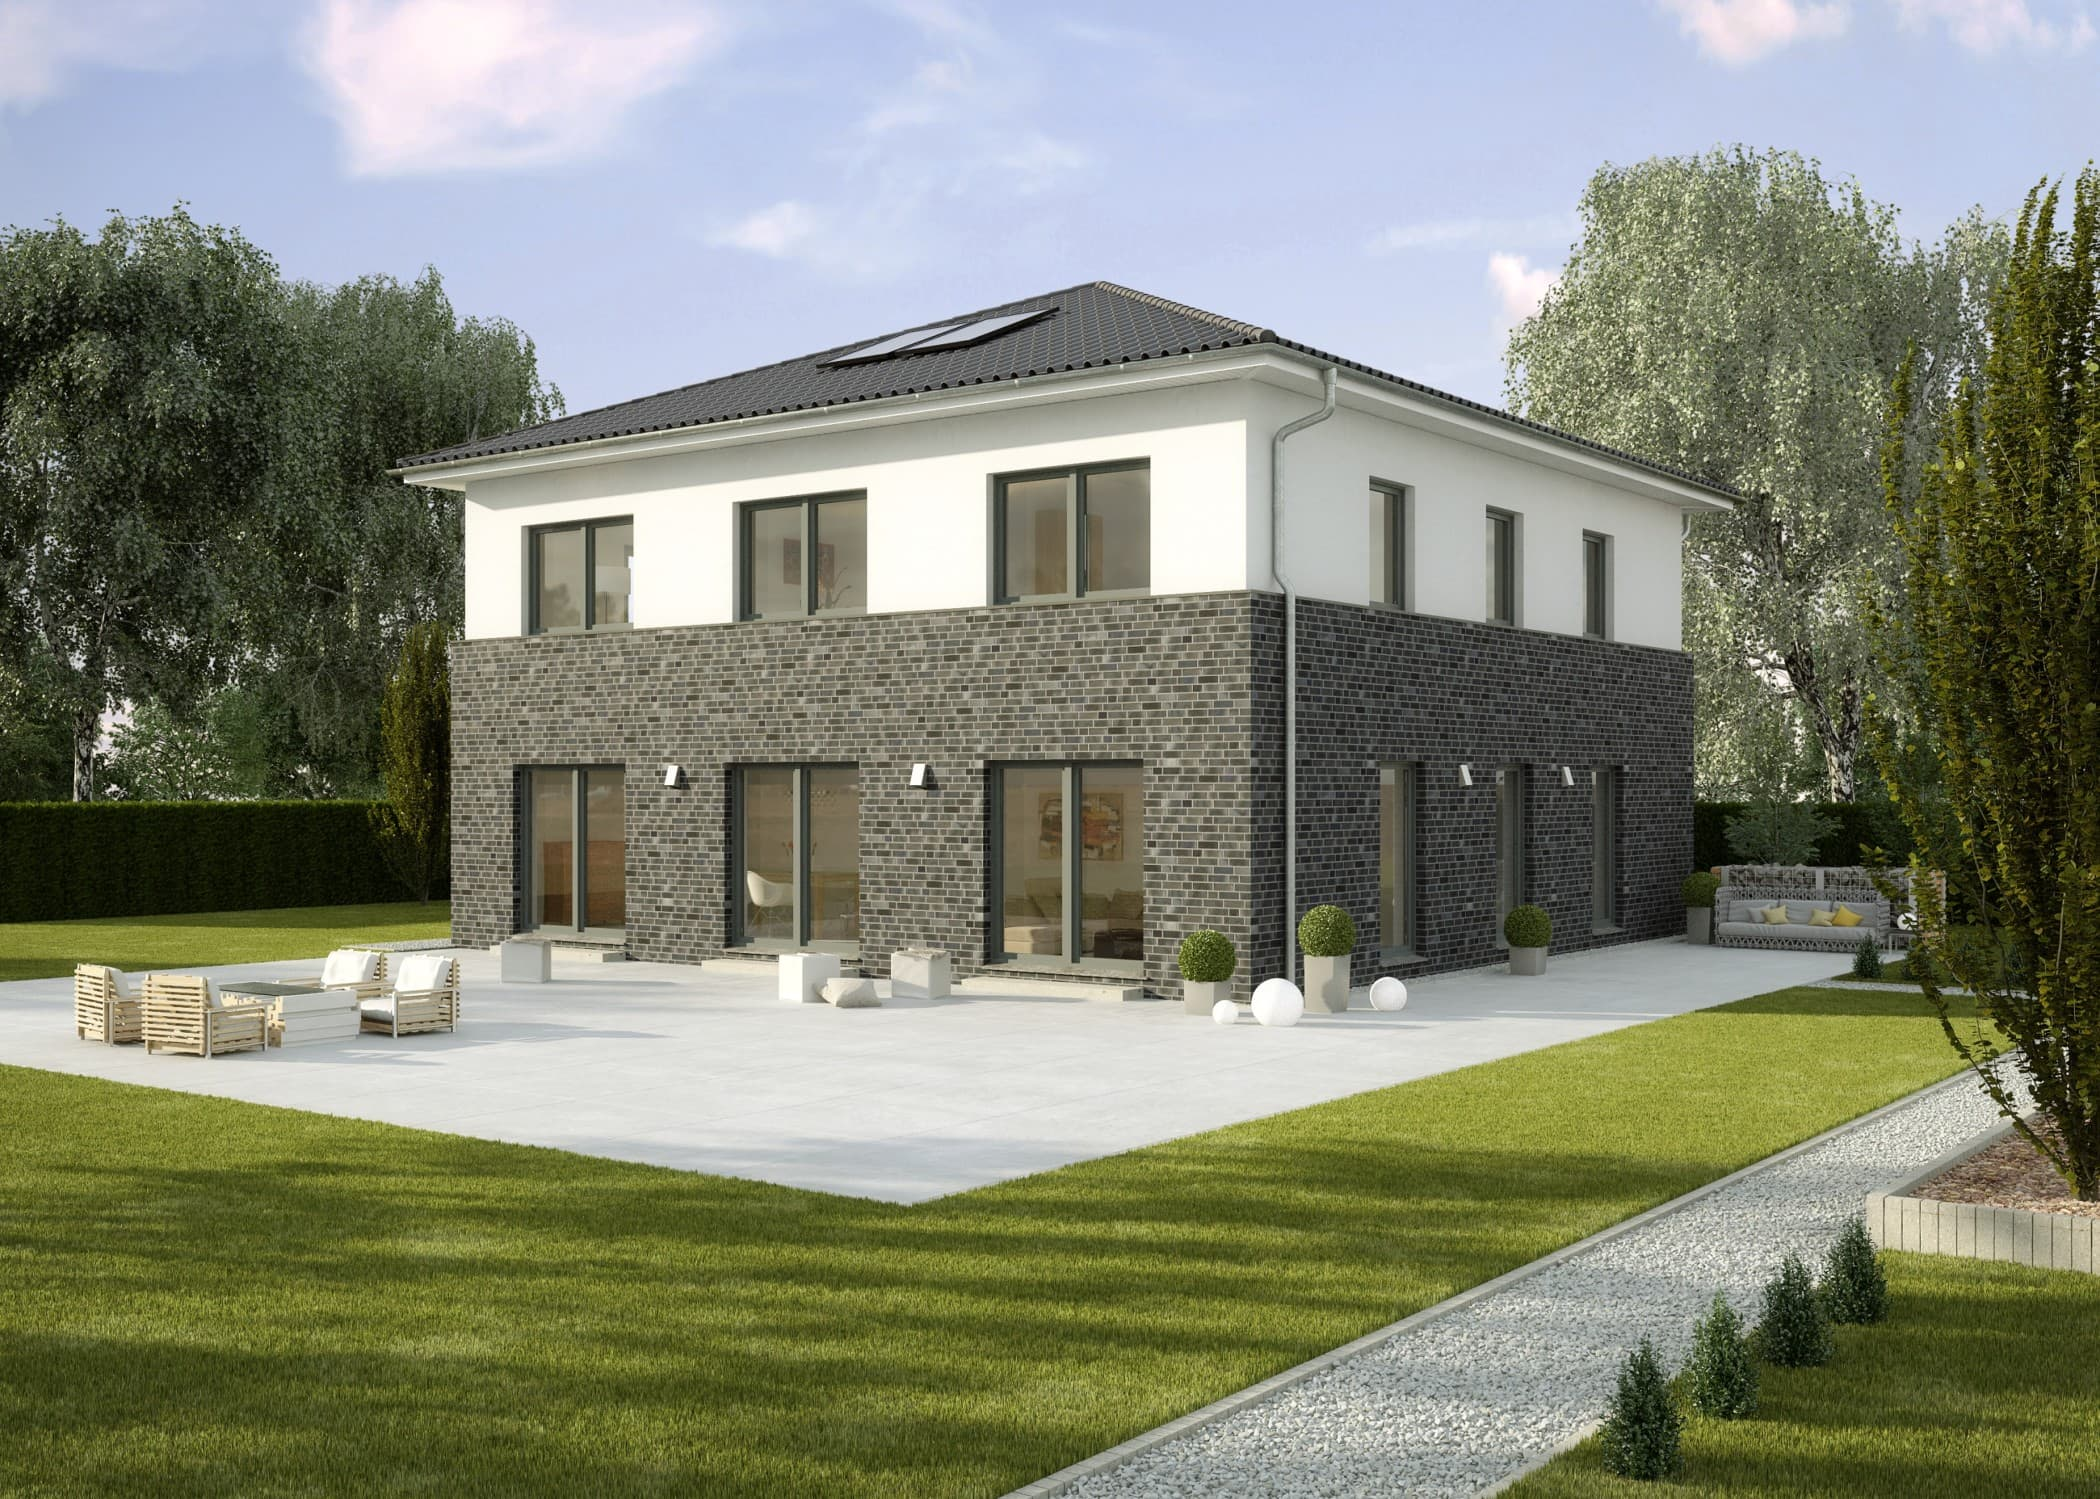 Fertighaus Stadtvilla modern mit Klinker Putz Fassade, Galerie & Zeltdach Architektur, 200 qm, 6 Zimmer - Einfamilienhaus La Finca von GUSSEK HAUS - HausbauDirekt.de